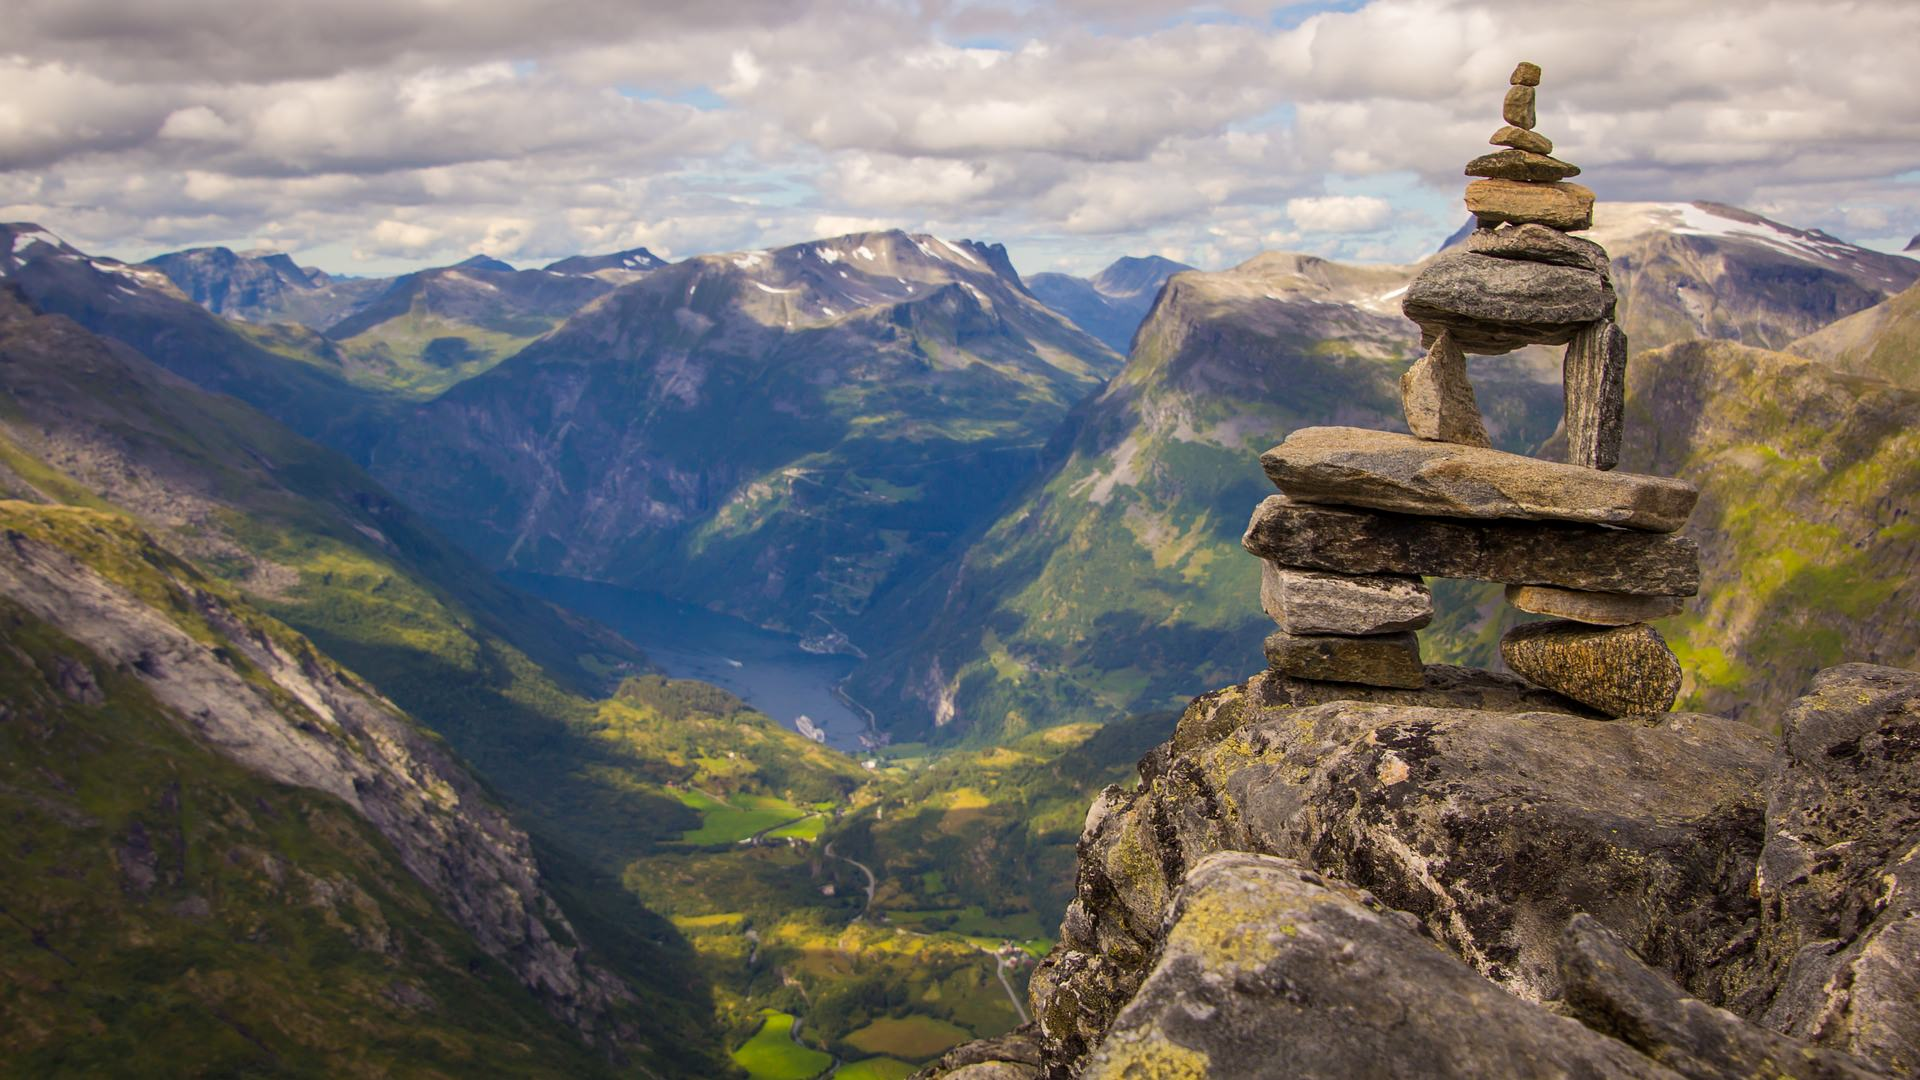 Norvēģija, fjords, Geiranger, Geirangerfjords, klintis, ceļo ar auto, ekspedīcija, ekskursija, Skandināvija, ceļo uz Skandināviju